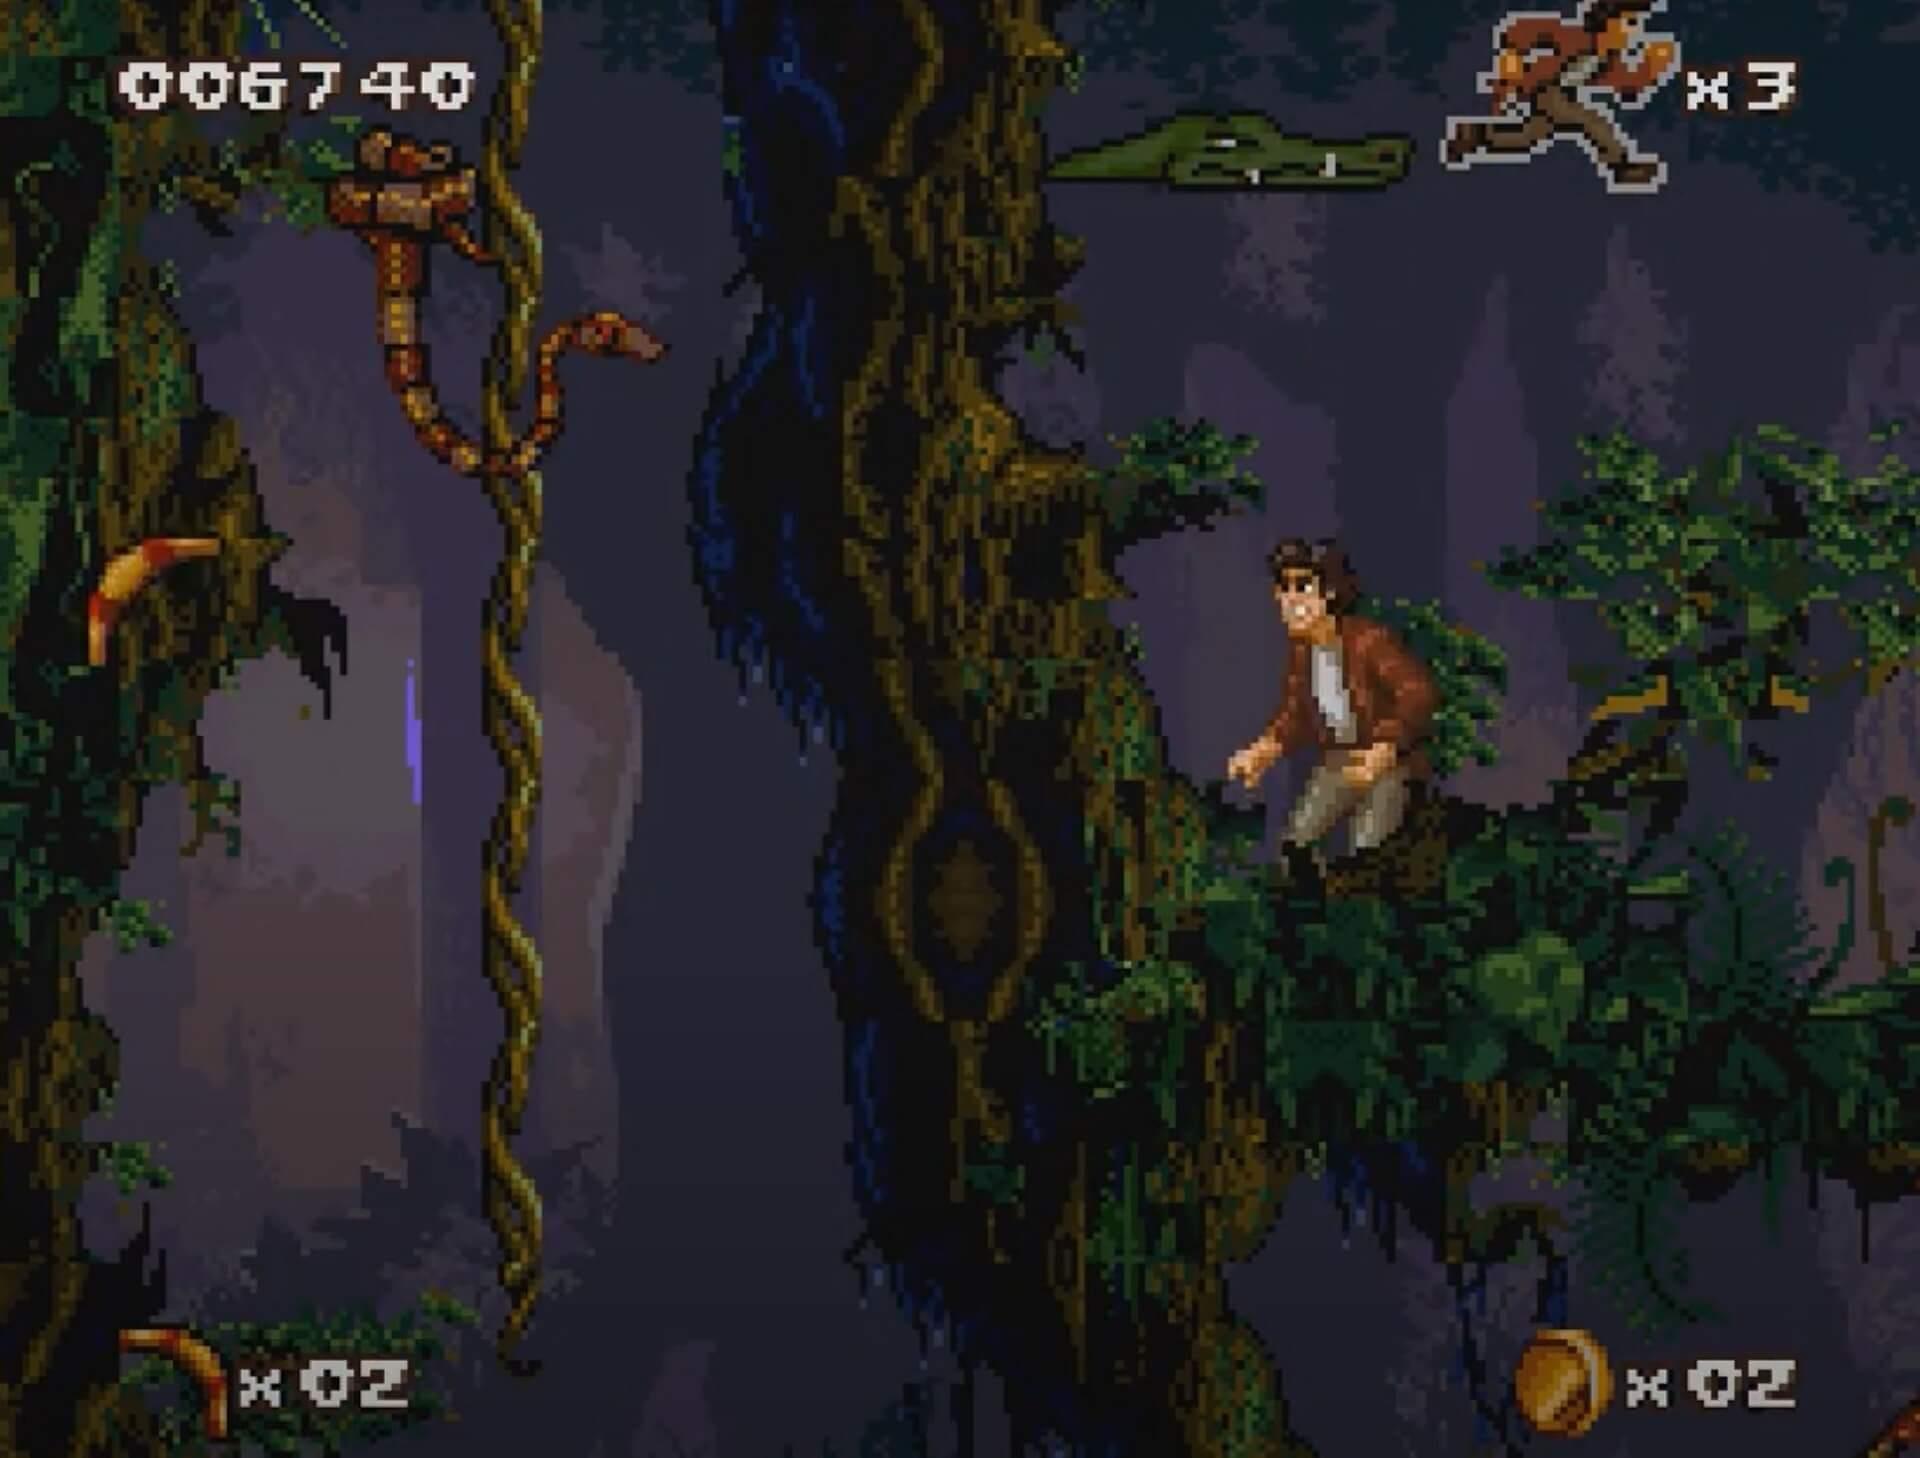 Pitfall The Mayan Adventure (SNES): Pitfall Junior versucht eine Schlange von der Liane zu vertreiben